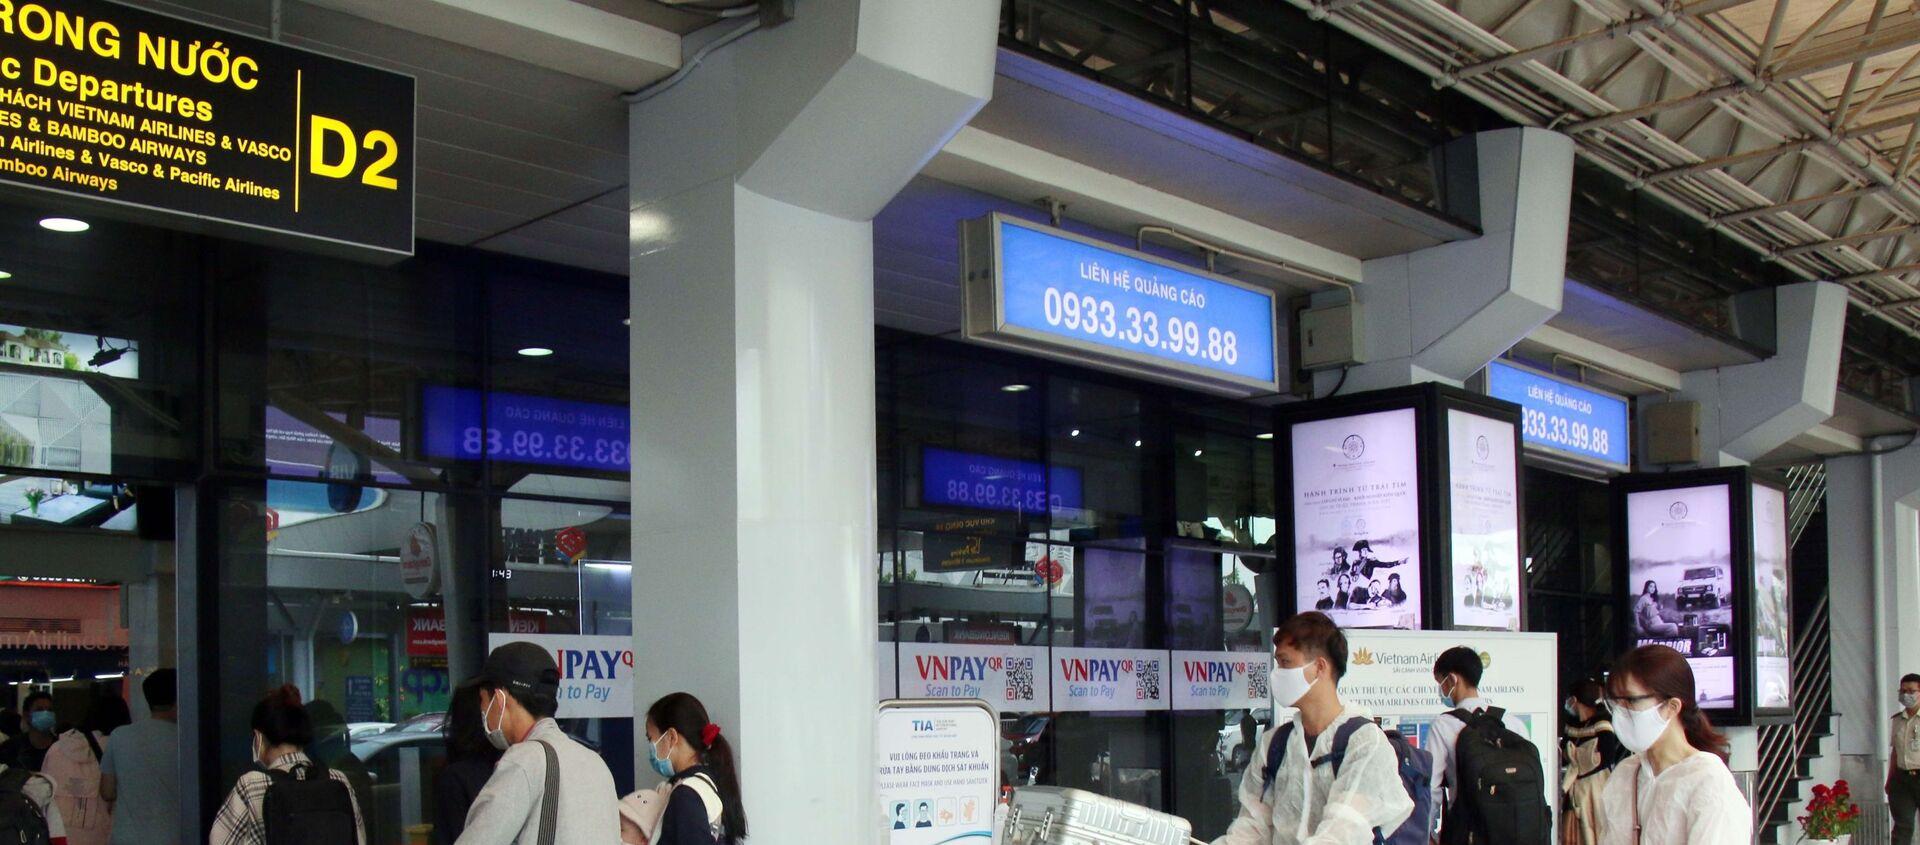 Để phòng chống dịch, nhiều hành khách đã chủ động trang bị các bộ đồ bảo hộ khi đến sân bay Tân Sơn Nhất. - Sputnik Việt Nam, 1920, 11.03.2021